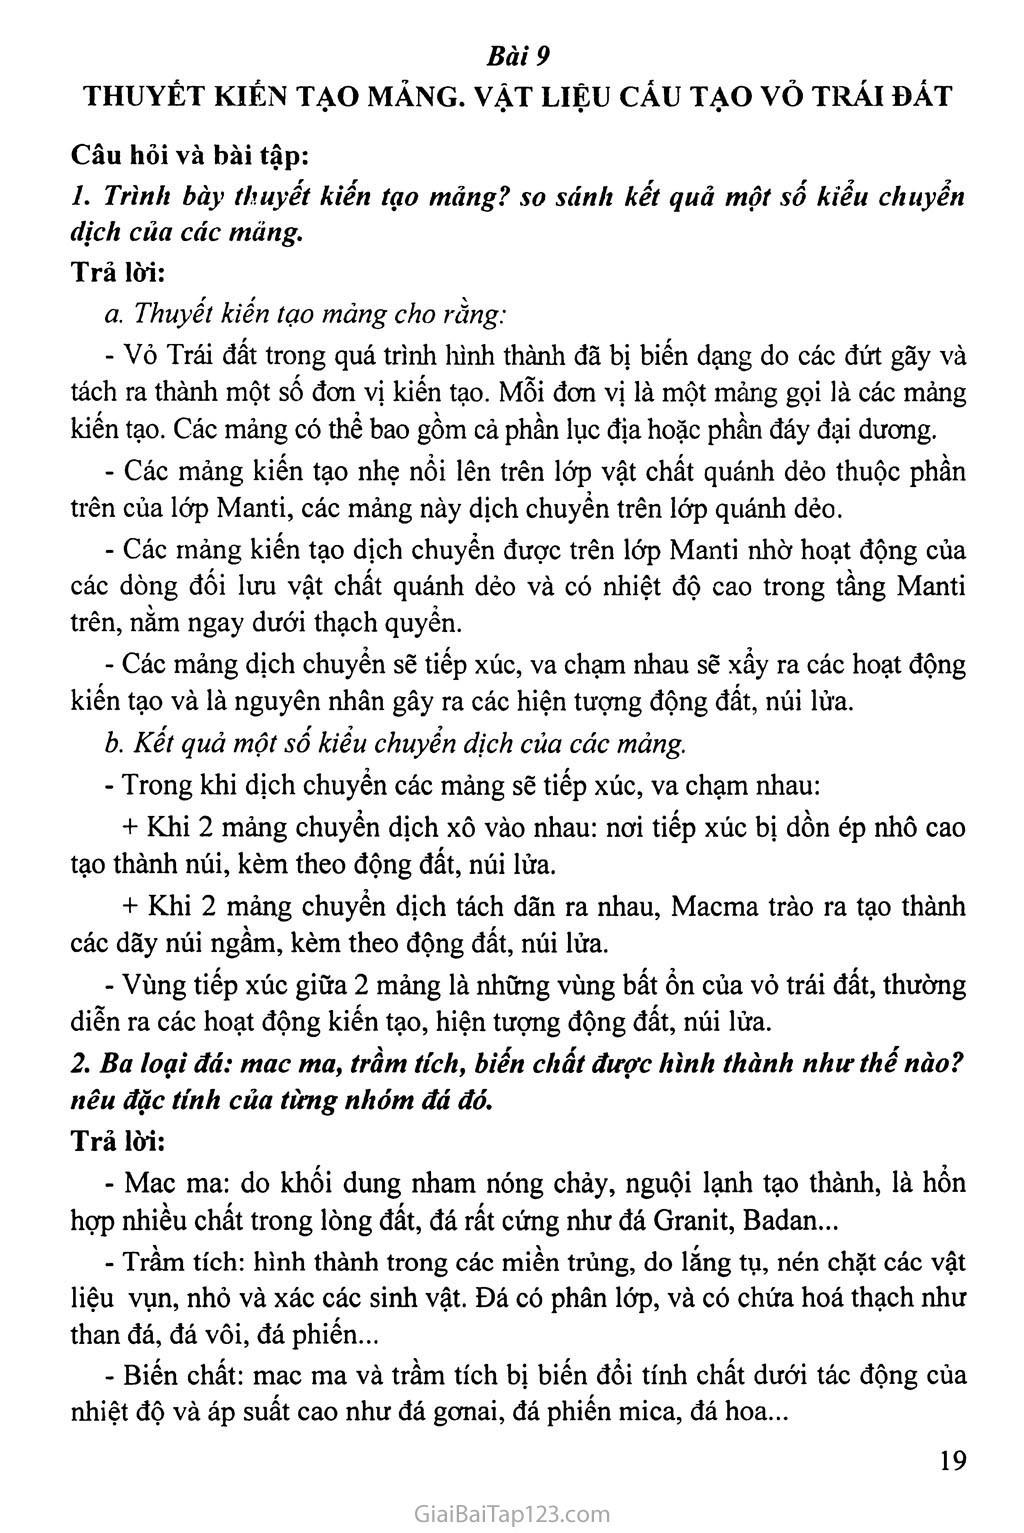 Bài 9. Thuyết kiểu tạo mảng. Vật liệu cấu tạo vỏ trái đất trang 1